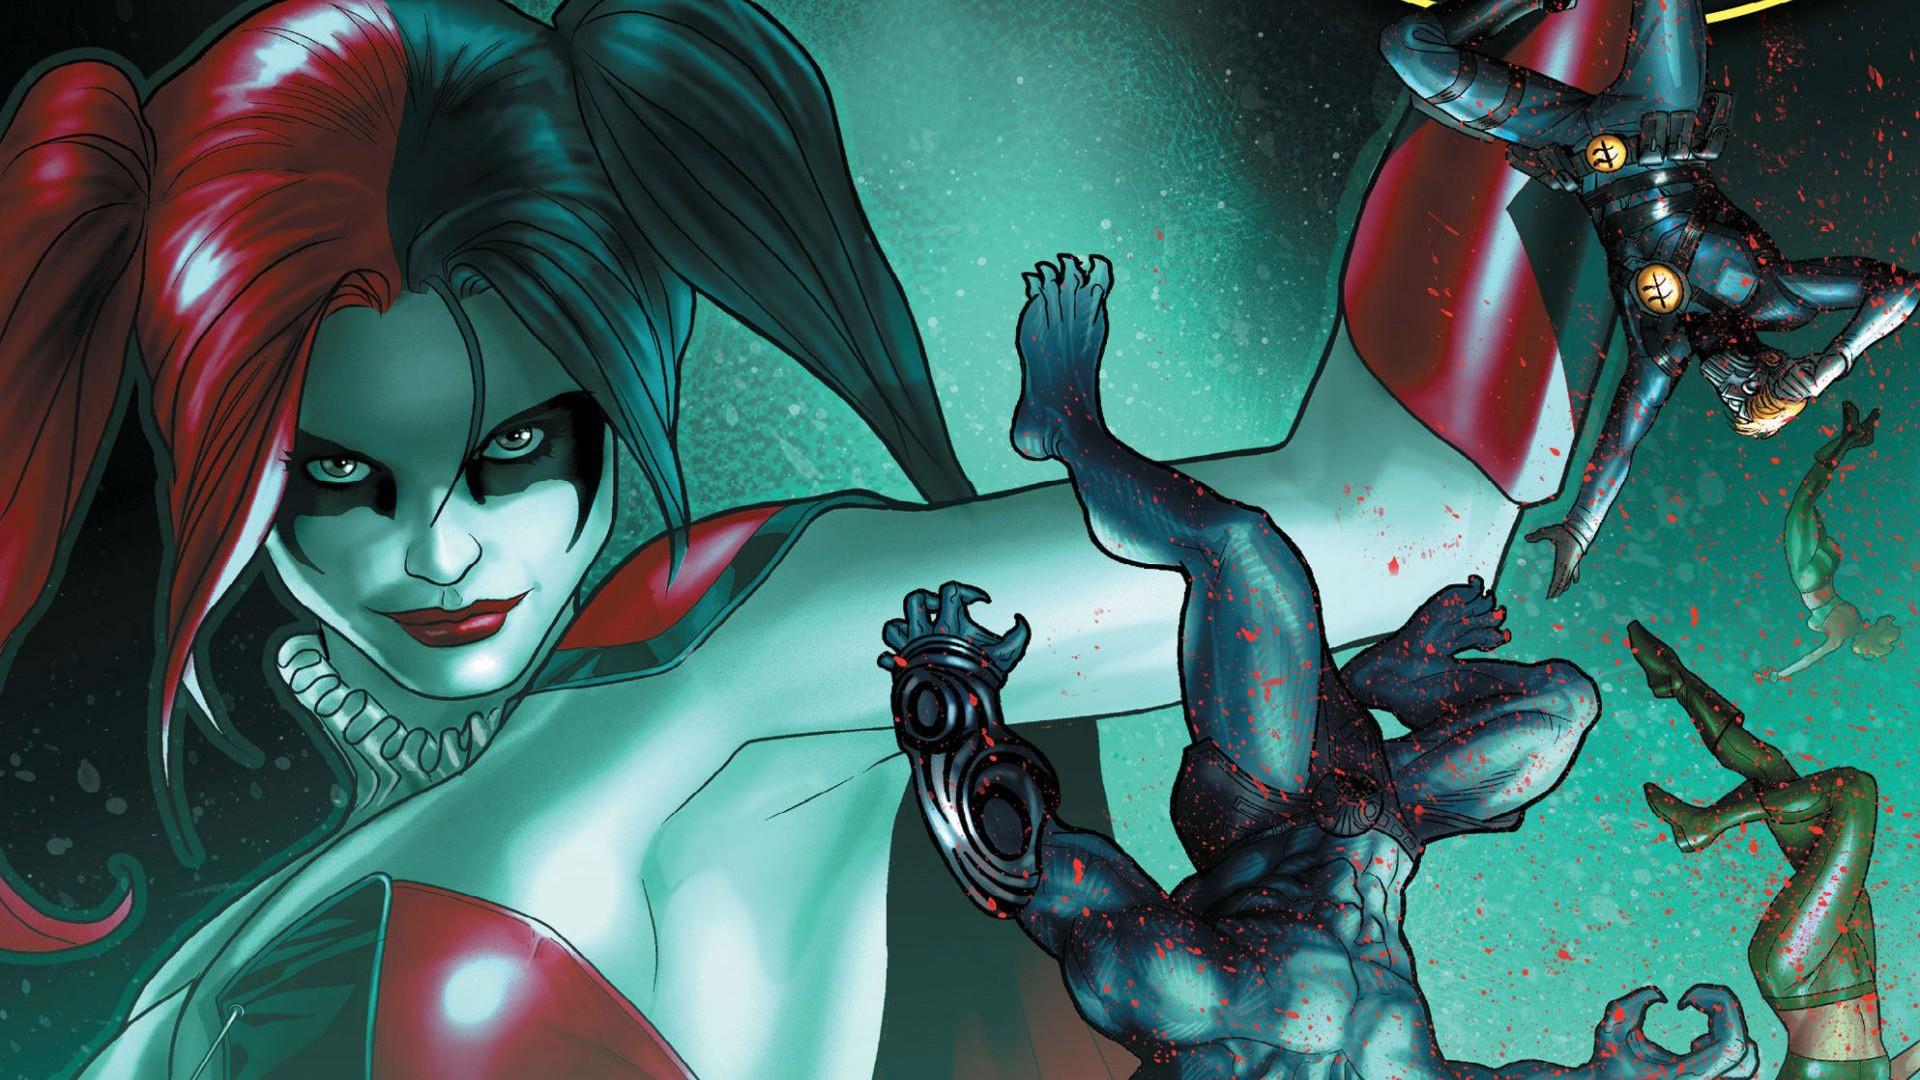 Harley Quinn And Joker Wallpaper Download Free Beautiful Full Hd